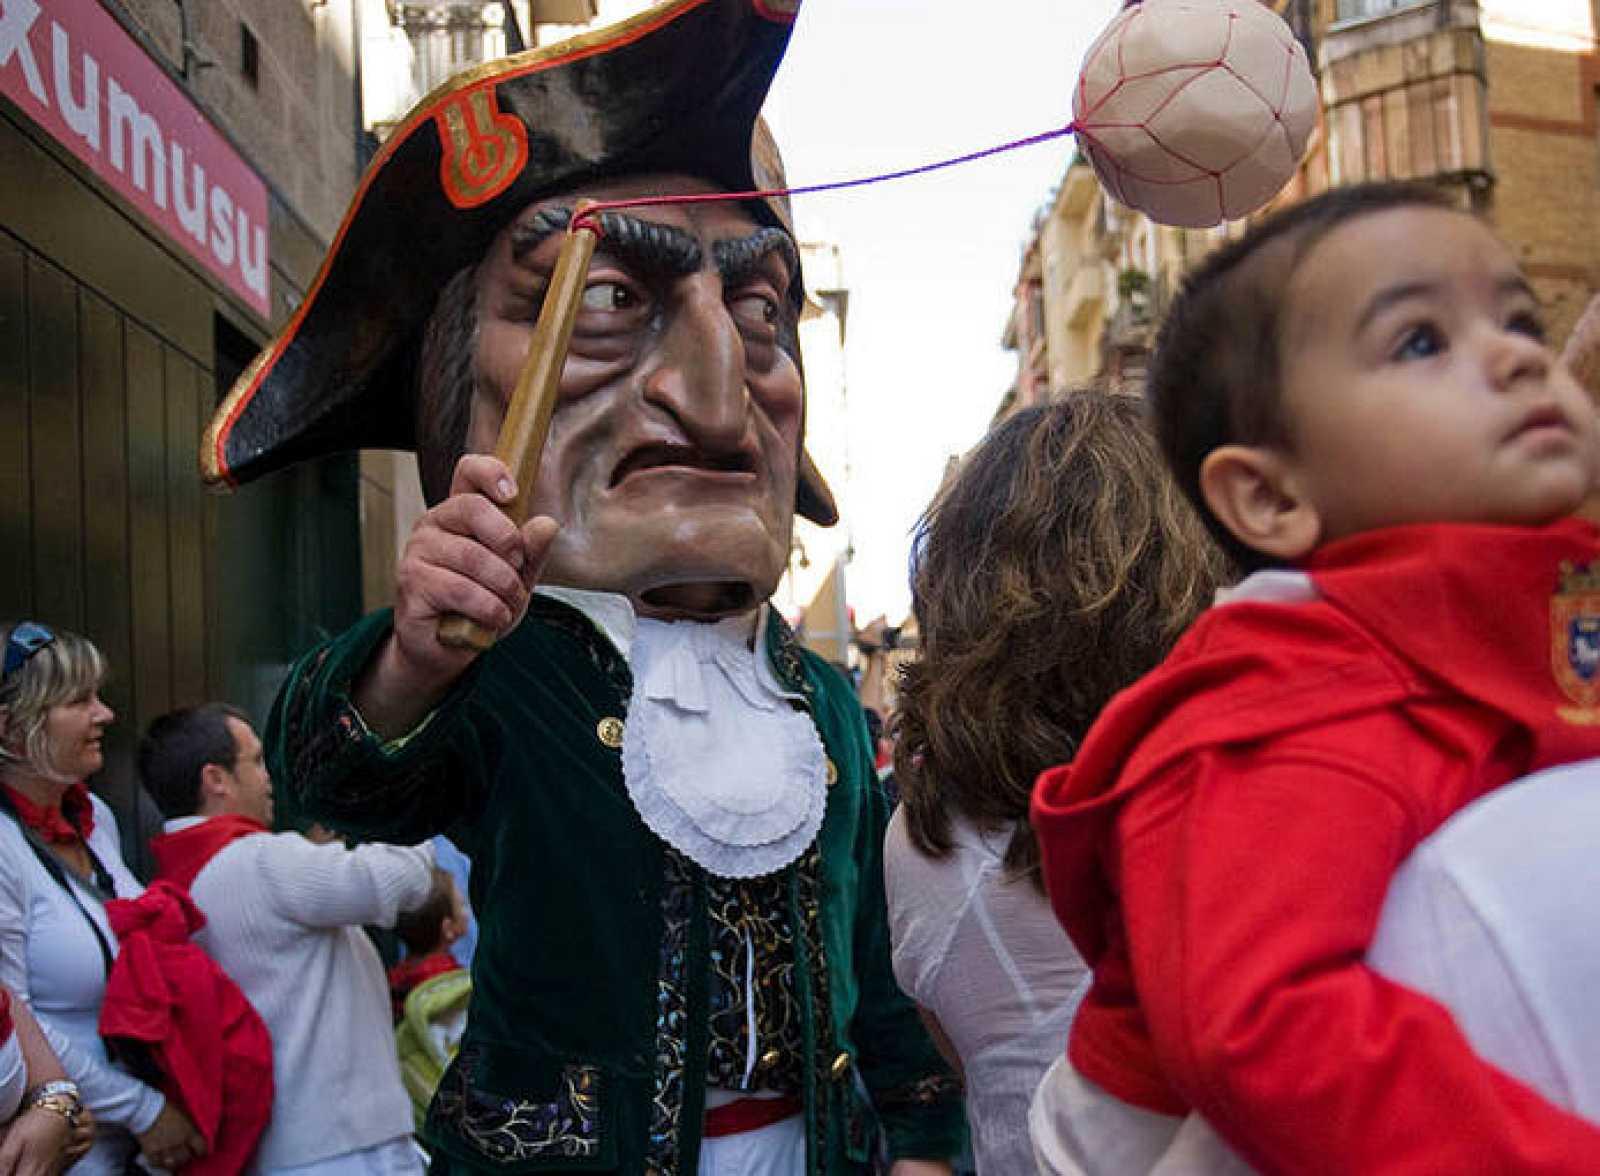 La Comparsa de Gigantes y Cabezudos cumple 150 años de existencia en las fiestas de Sanfermin 2010.